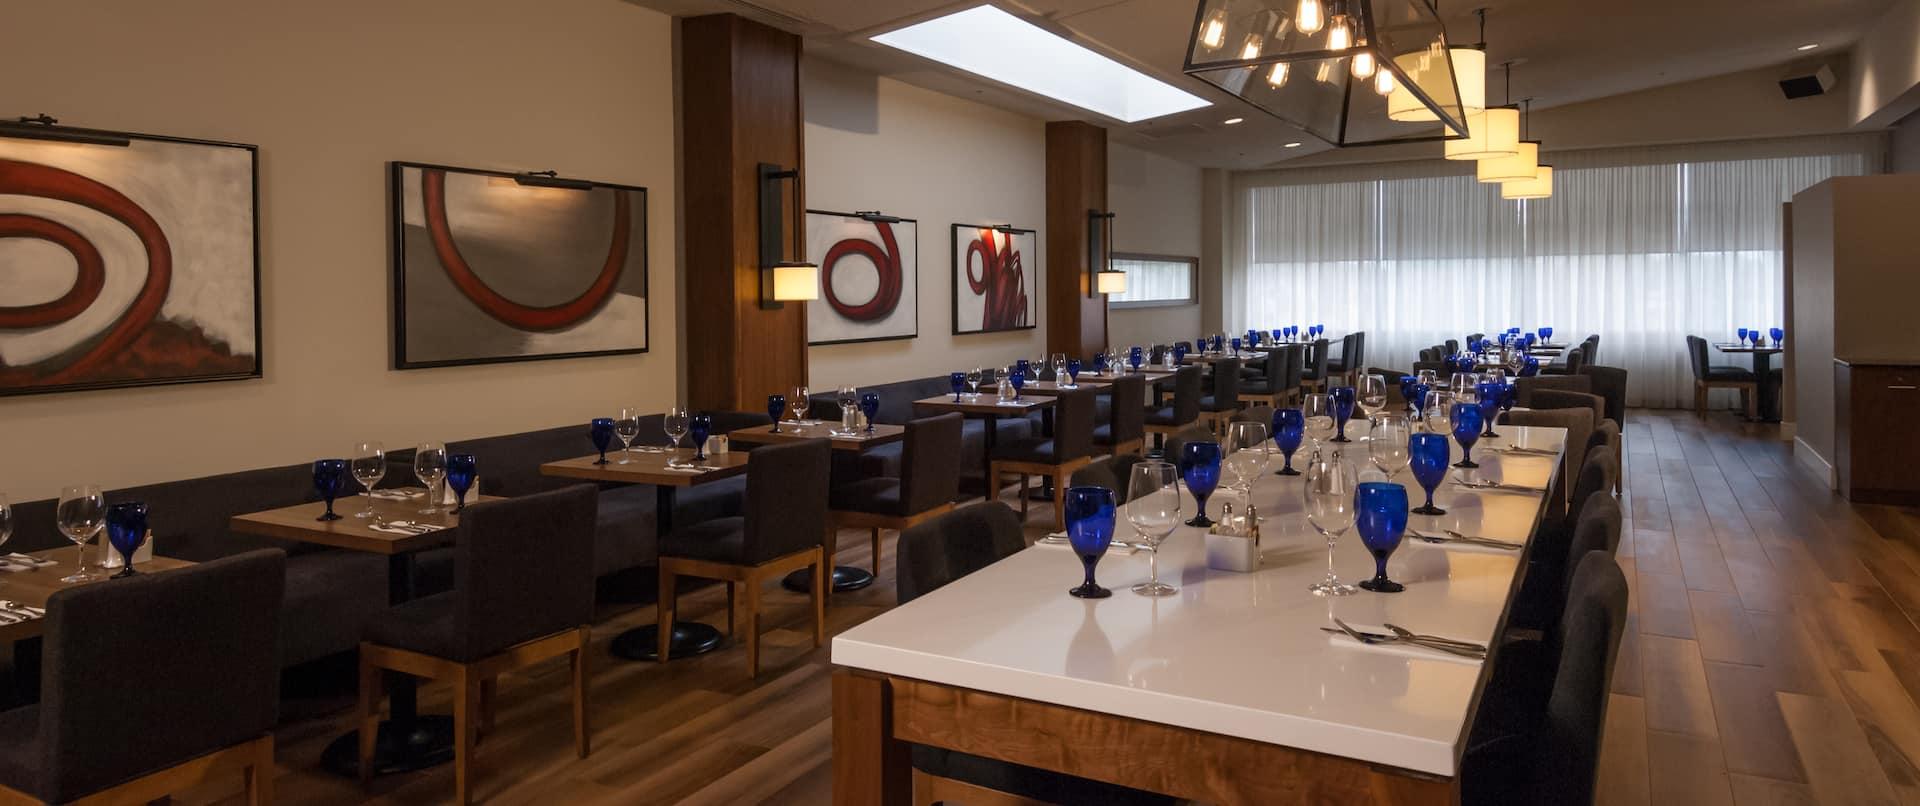 Blake's Restaurant